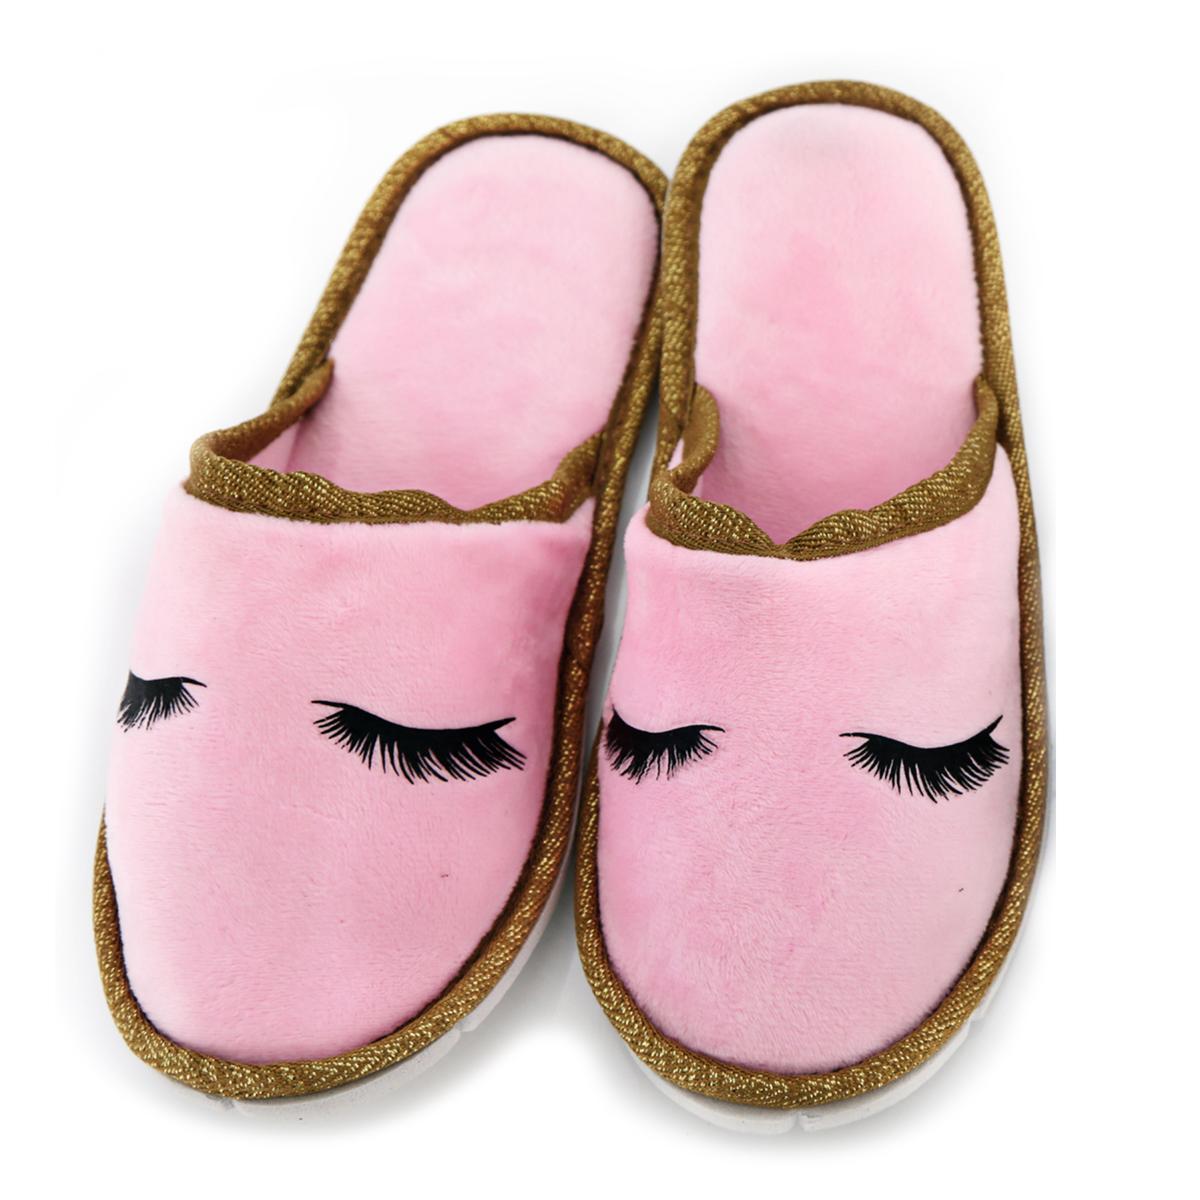 Chausson pantoufles \'Diva - Yeux Endormis\' rose - taille M (38/41) - [A0051]